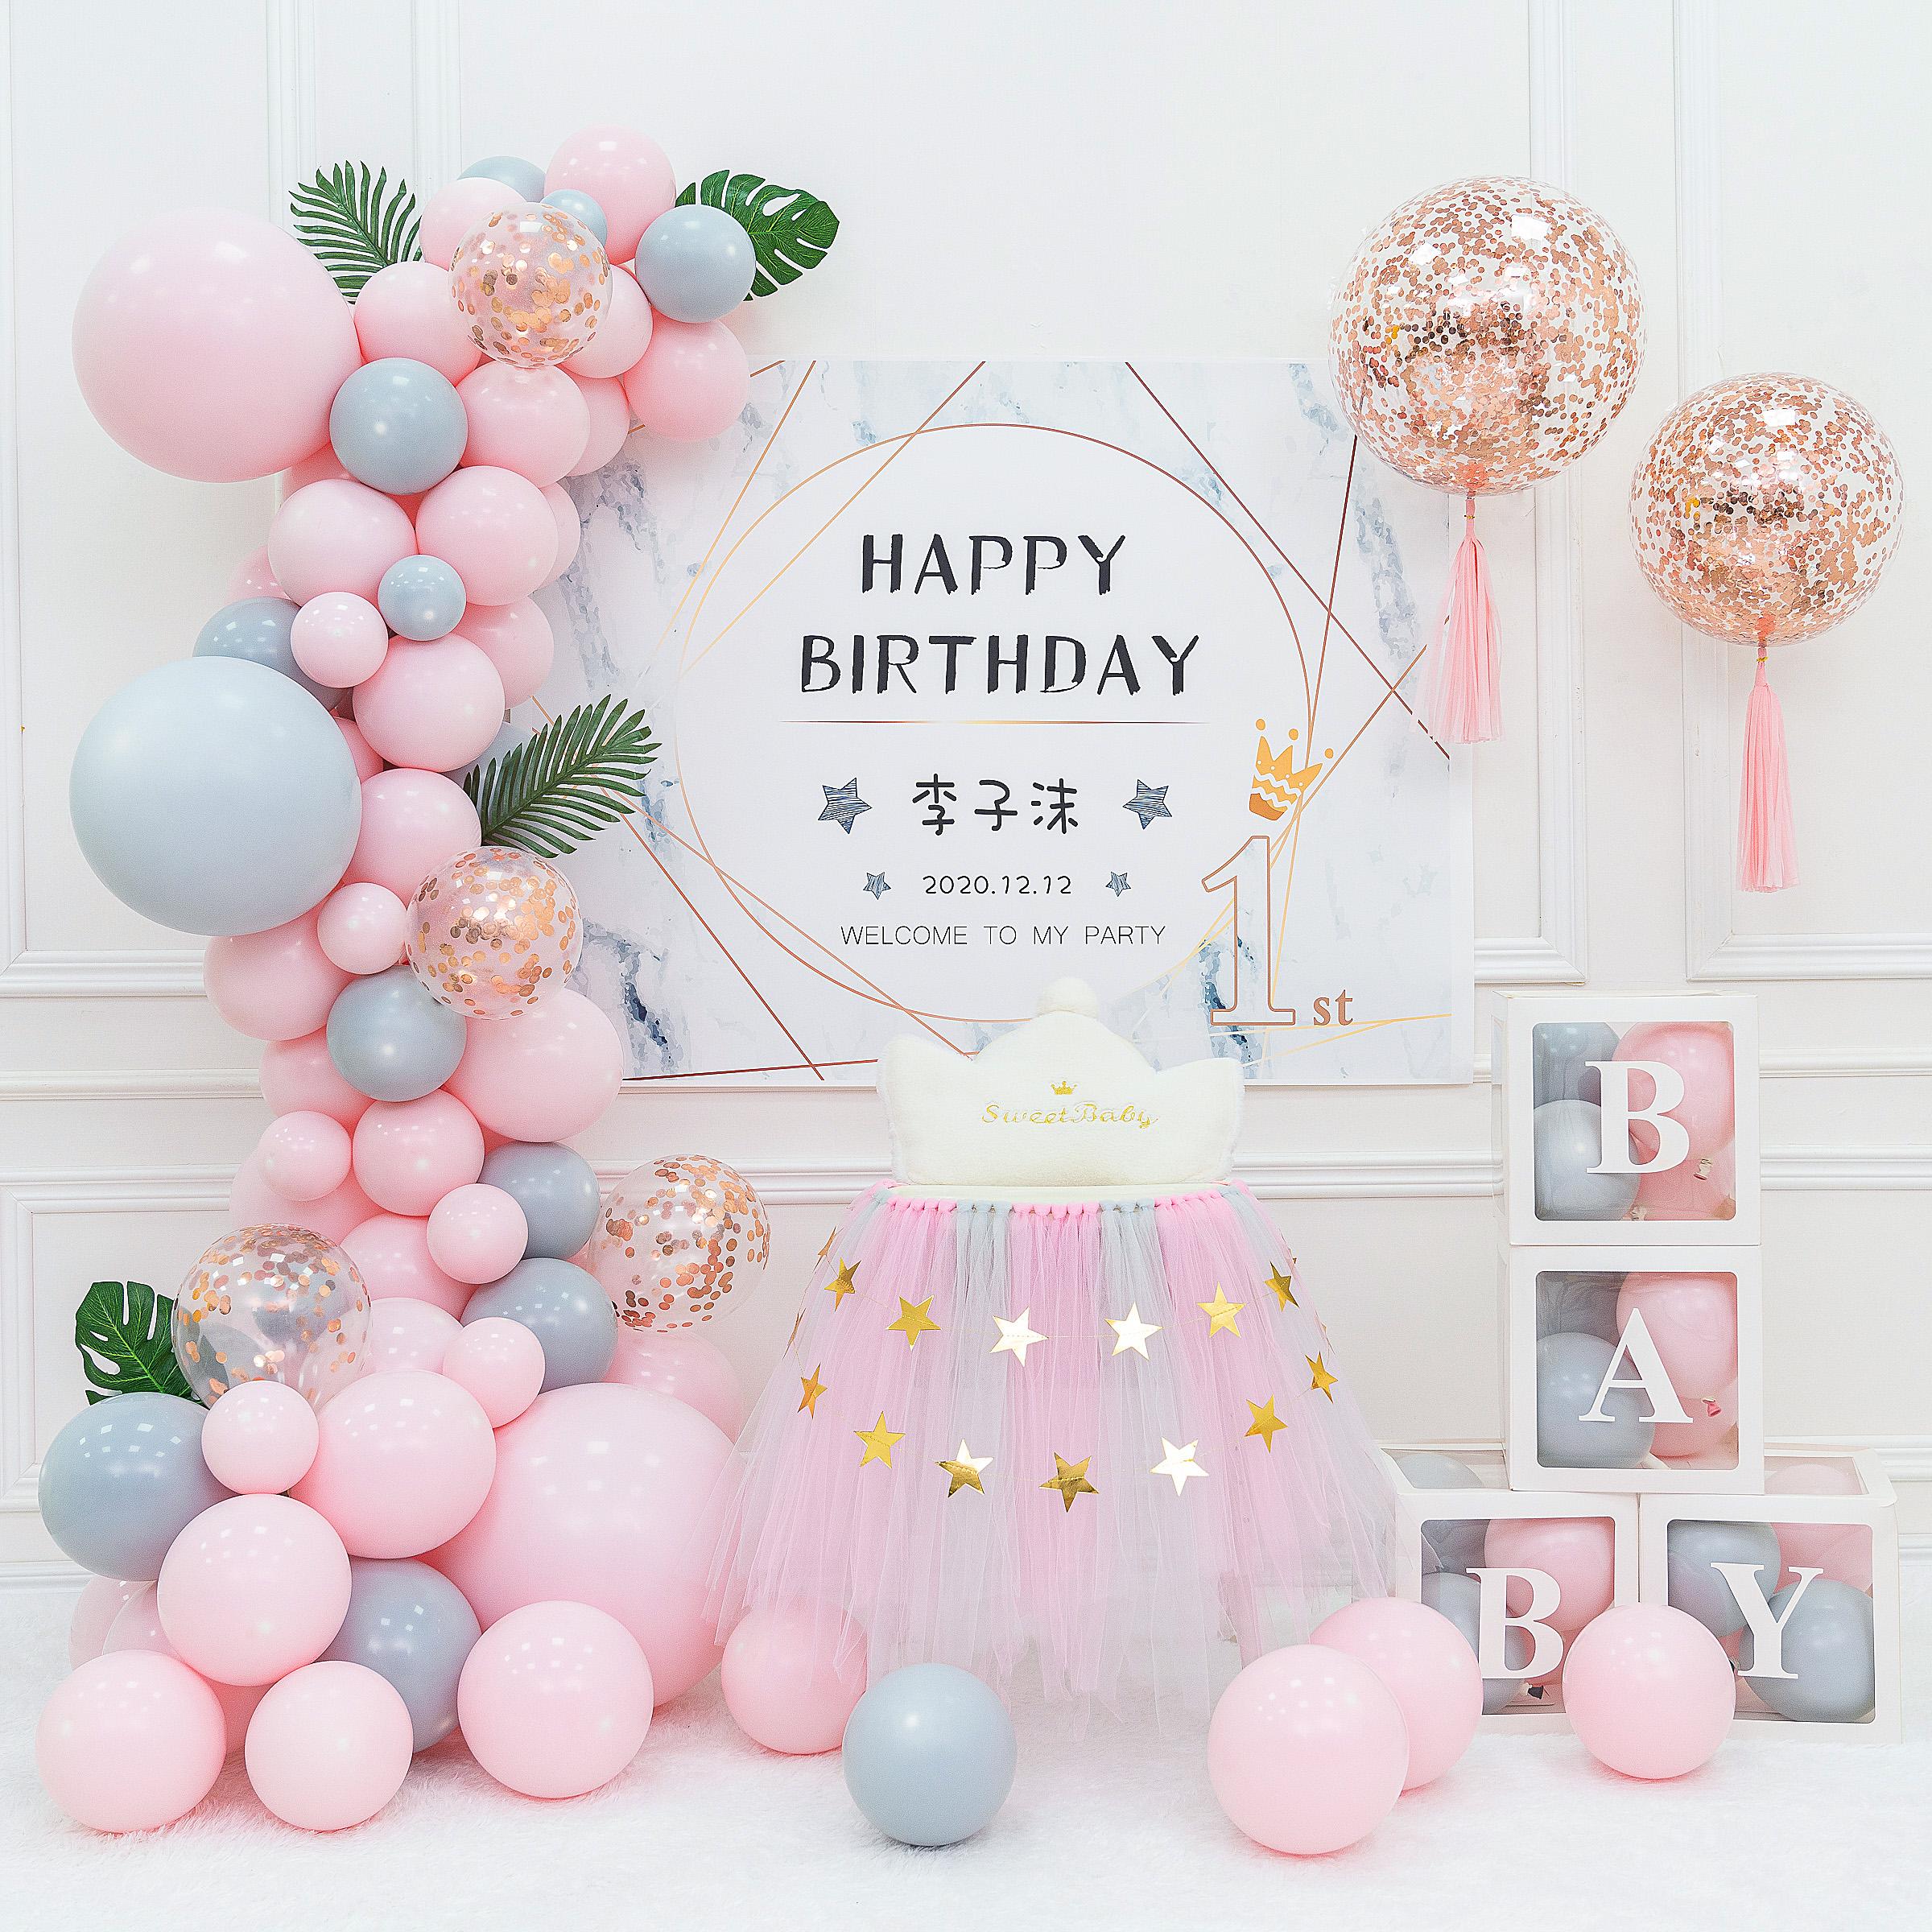 女孩宝宝1一周岁生日宴布置装饰品场景男孩百天百日宴背景墙气球2